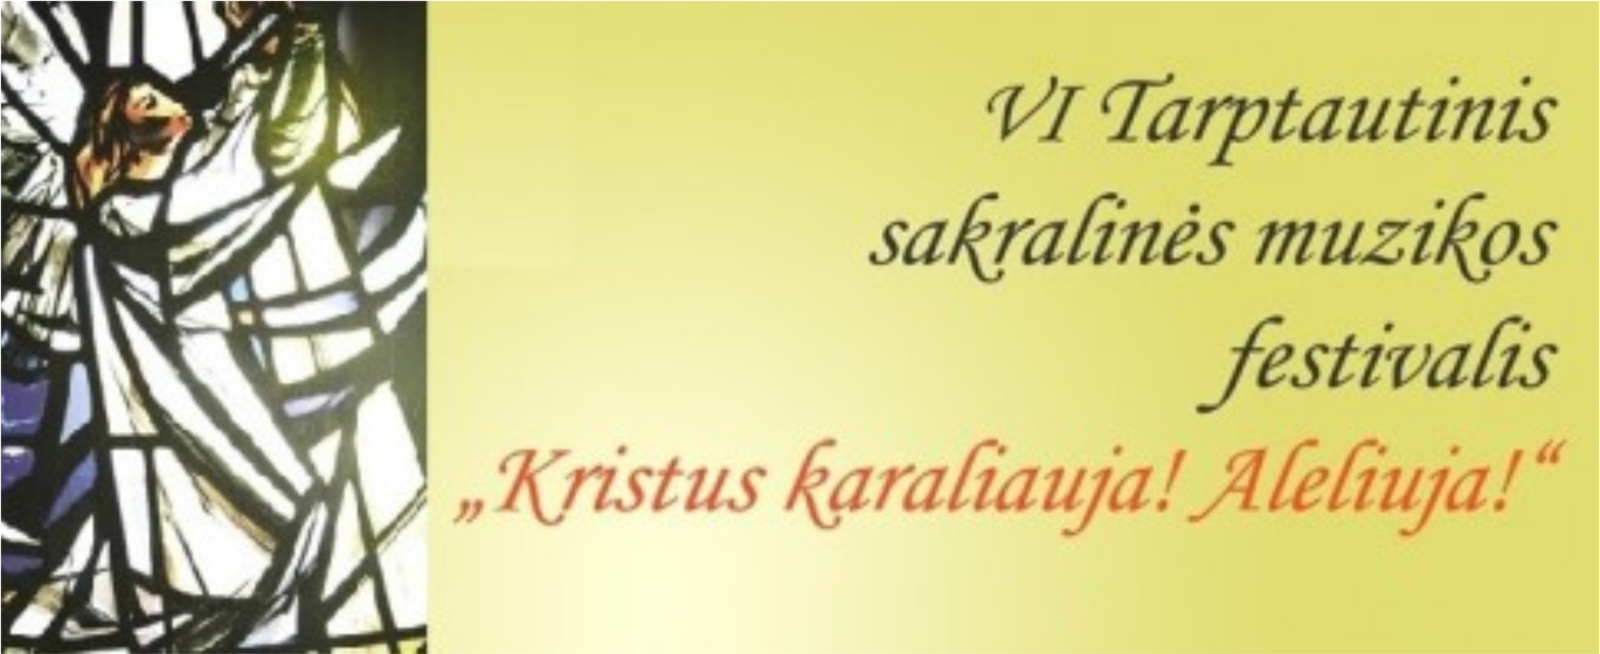 """Kviečia dalyvauti IV Tarptautiniame sakralinės muzikos festivalyje """"Kristus karaliauja! Aleliuja!"""""""